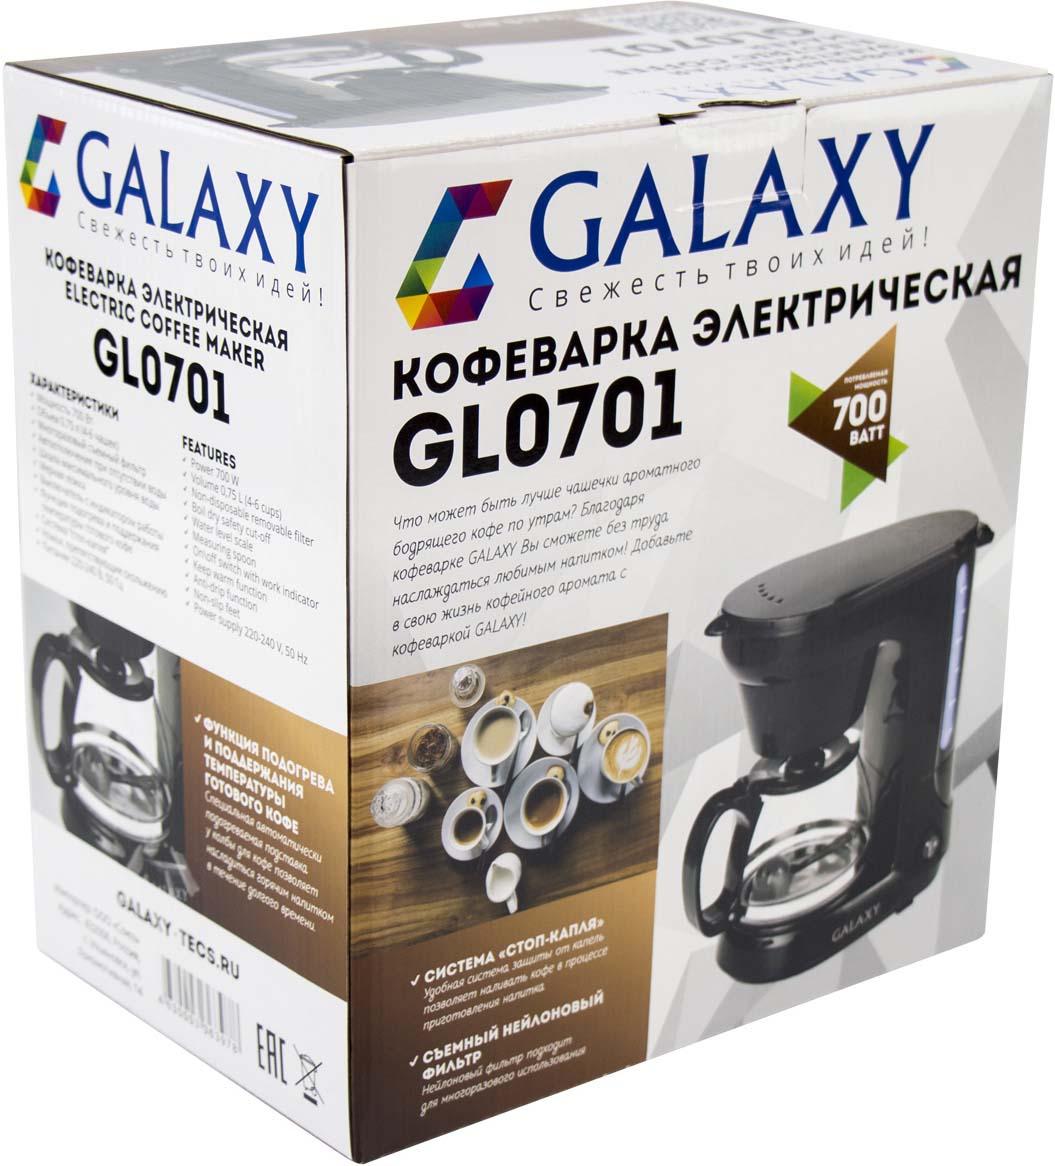 Кофеварка капельная Galaxy GL 0701, цвет: черный Galaxy